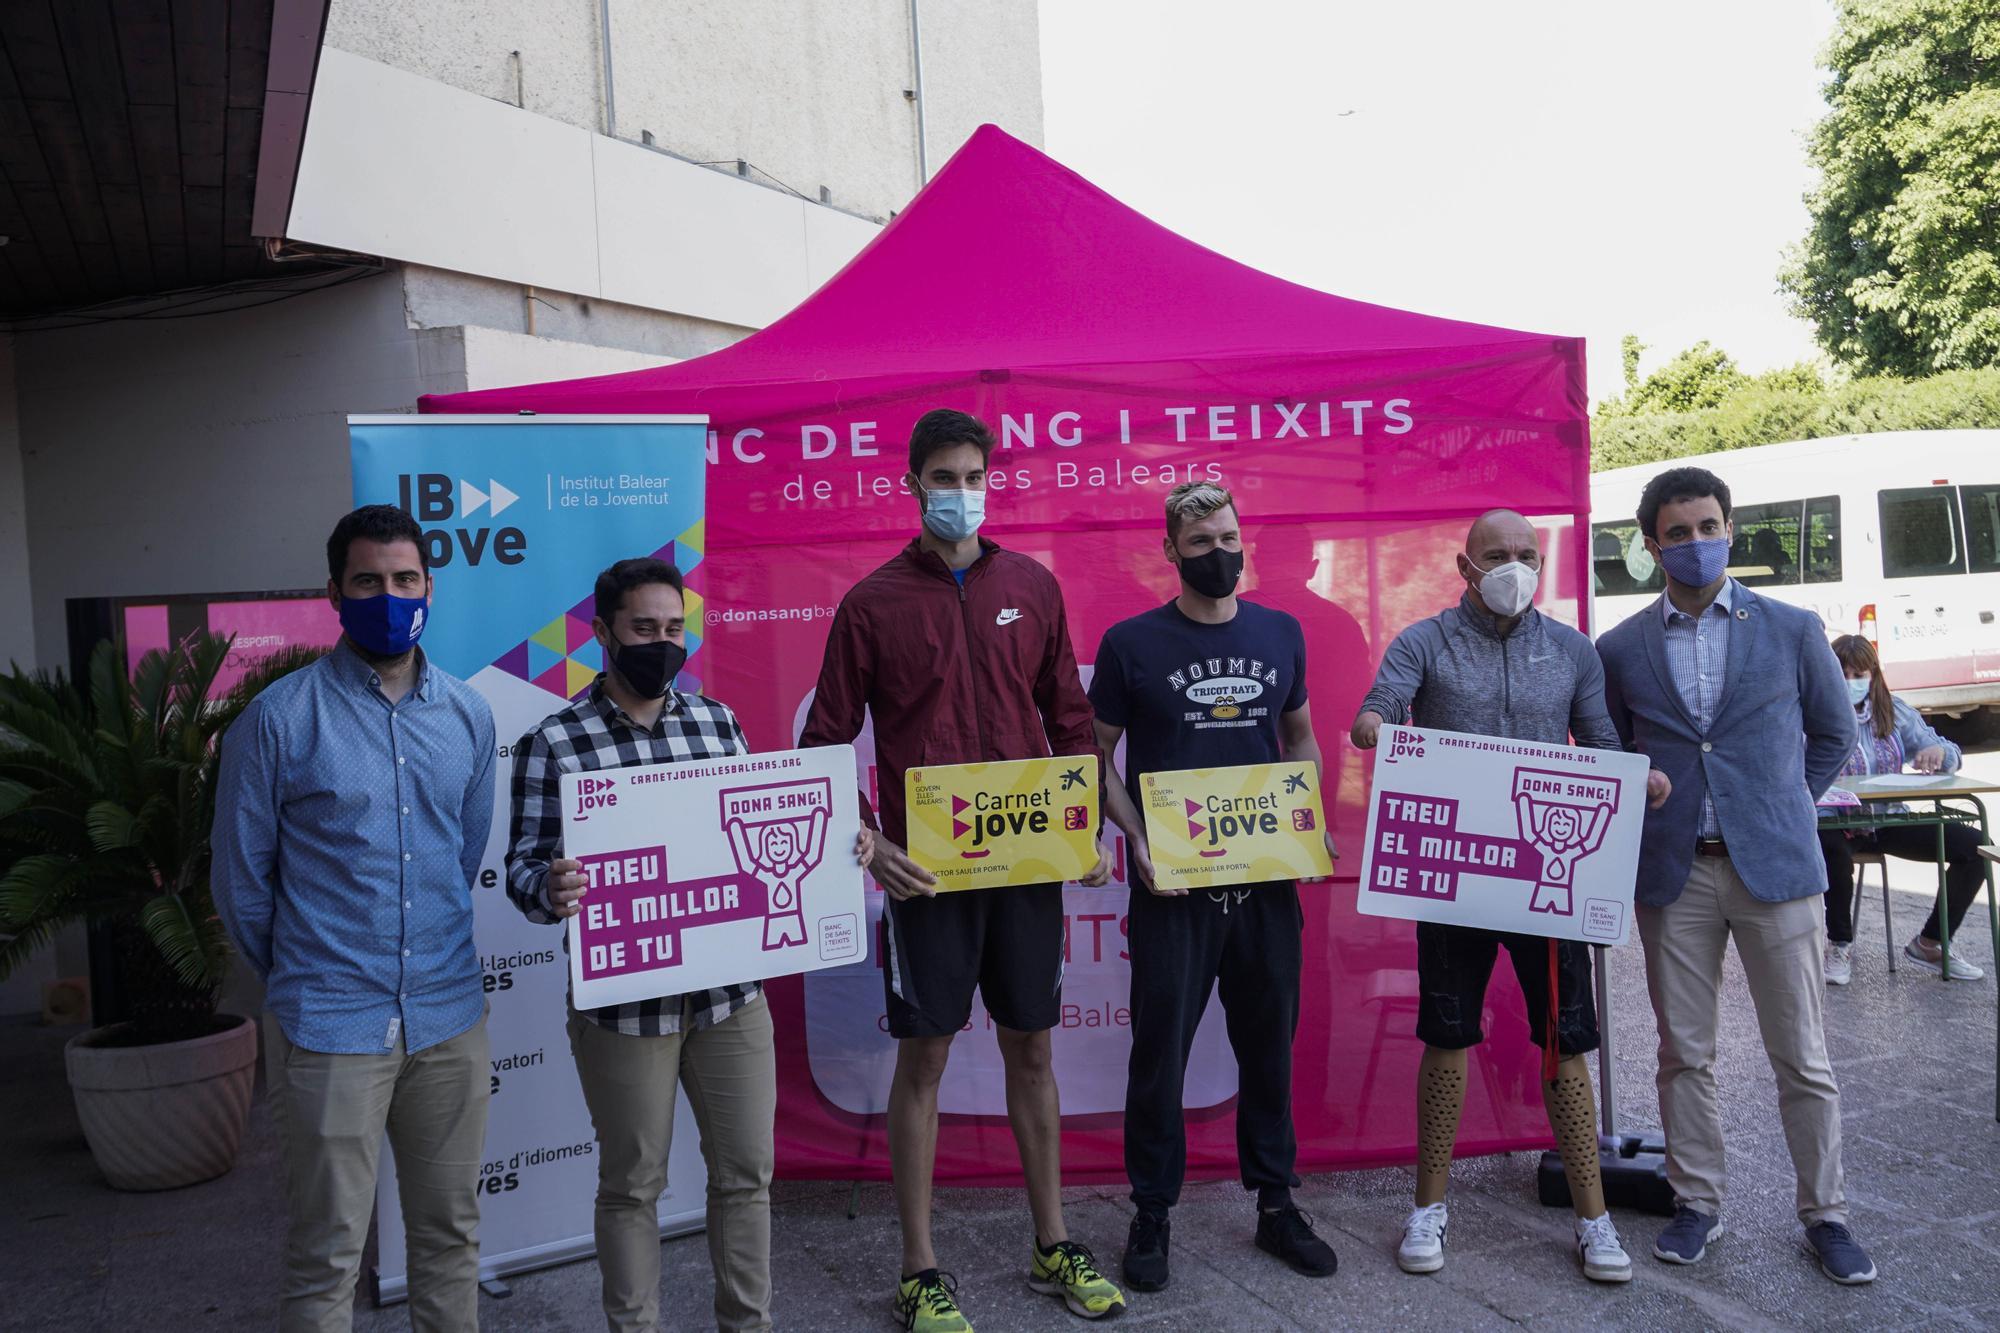 40 bolsas de sangre: éxito de la campaña de donación entre los deportistas del CTEIB